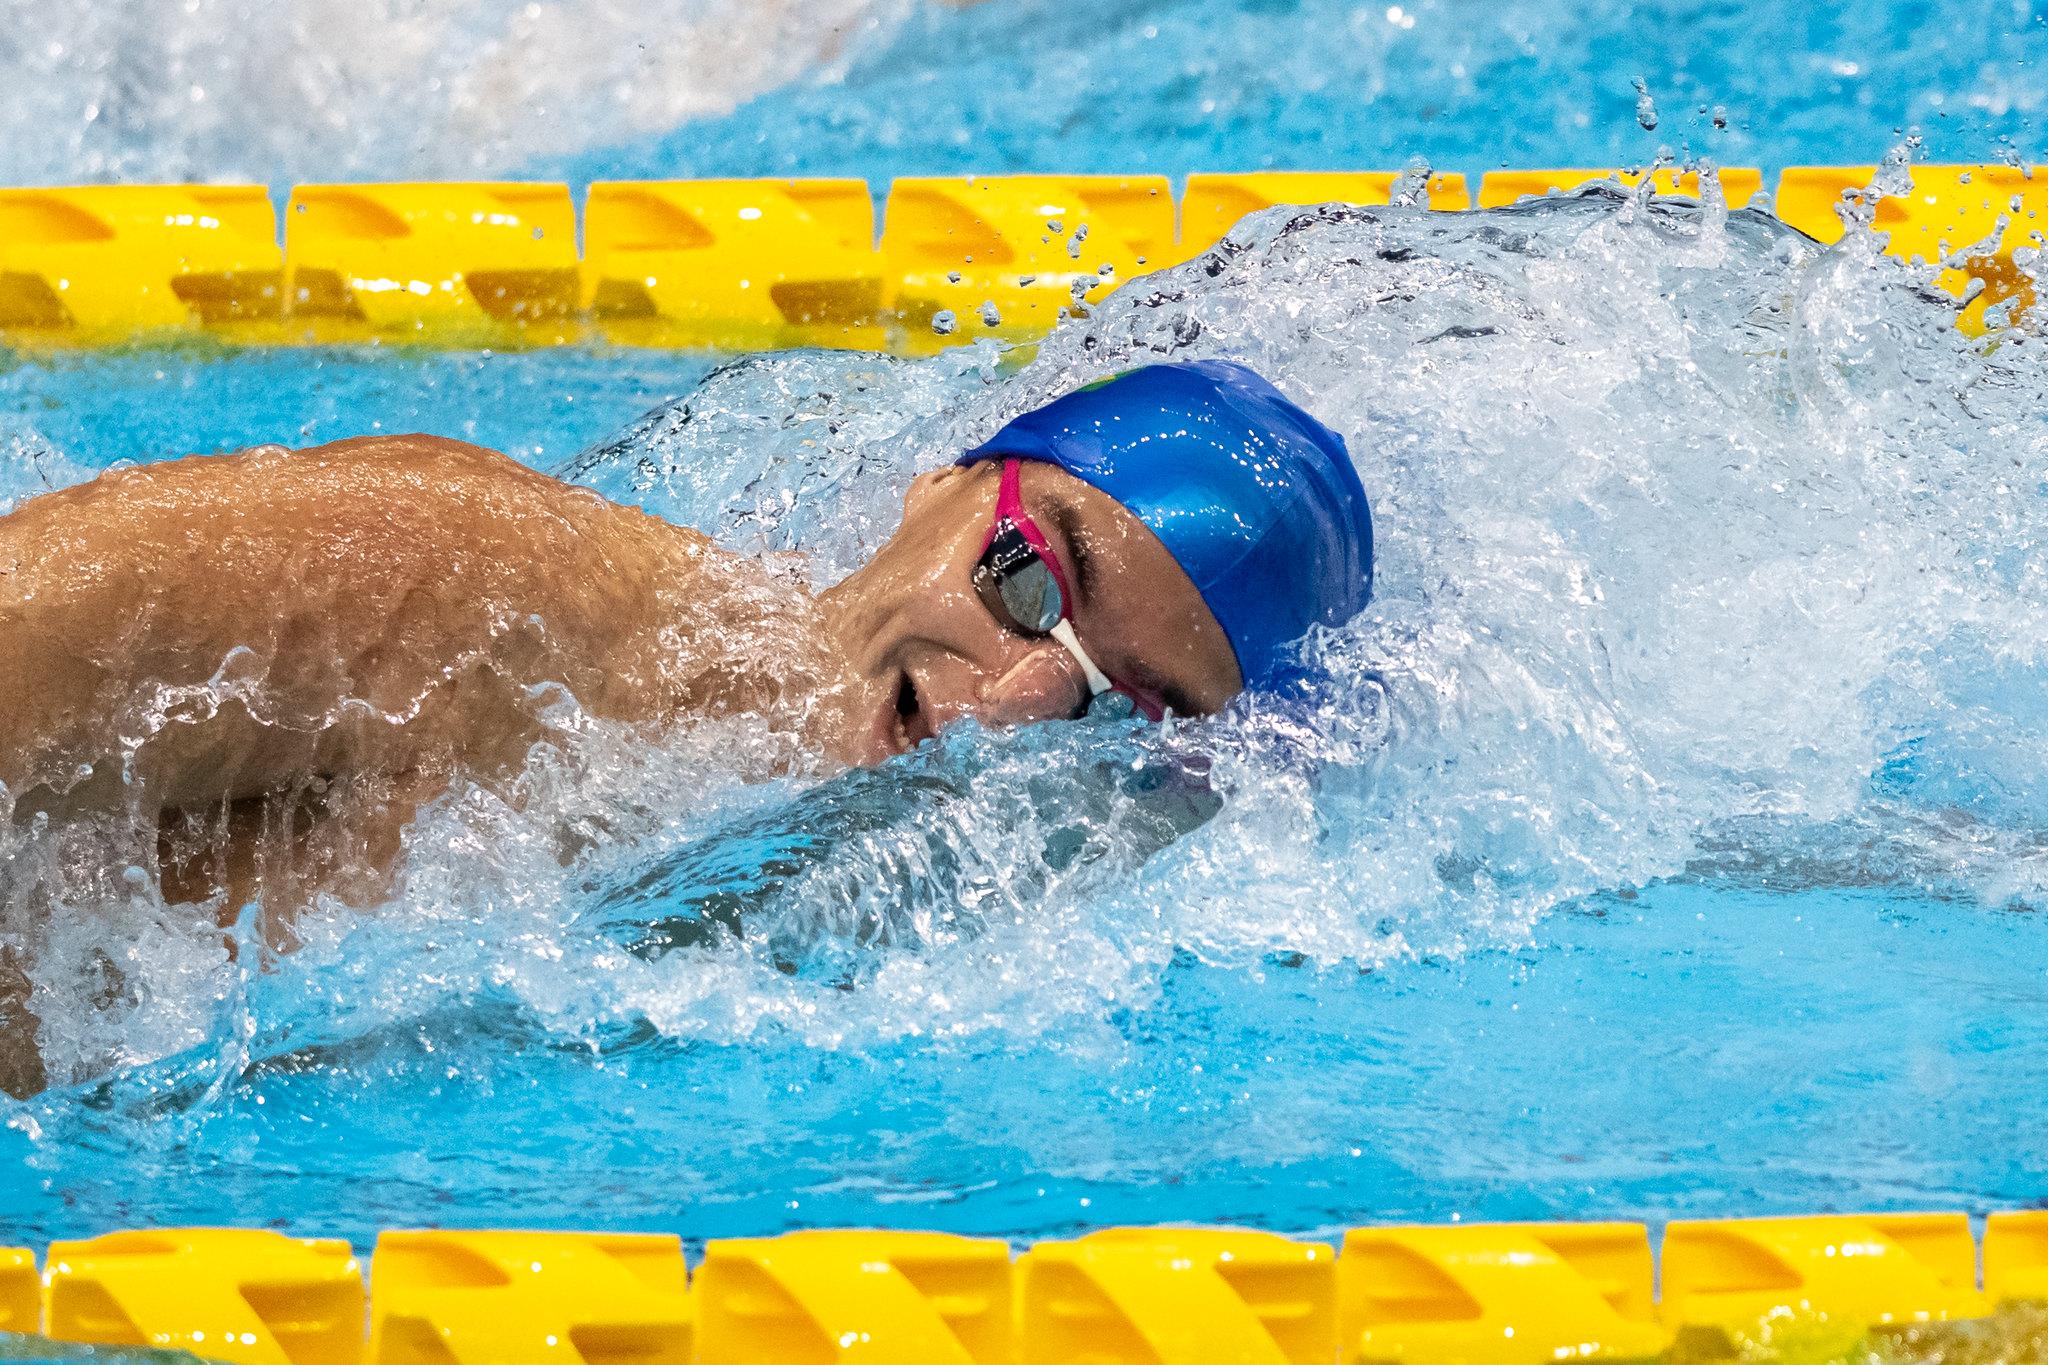 Gabriel Bandeira nada de touca azul e óculos pretos com detalhe rosa